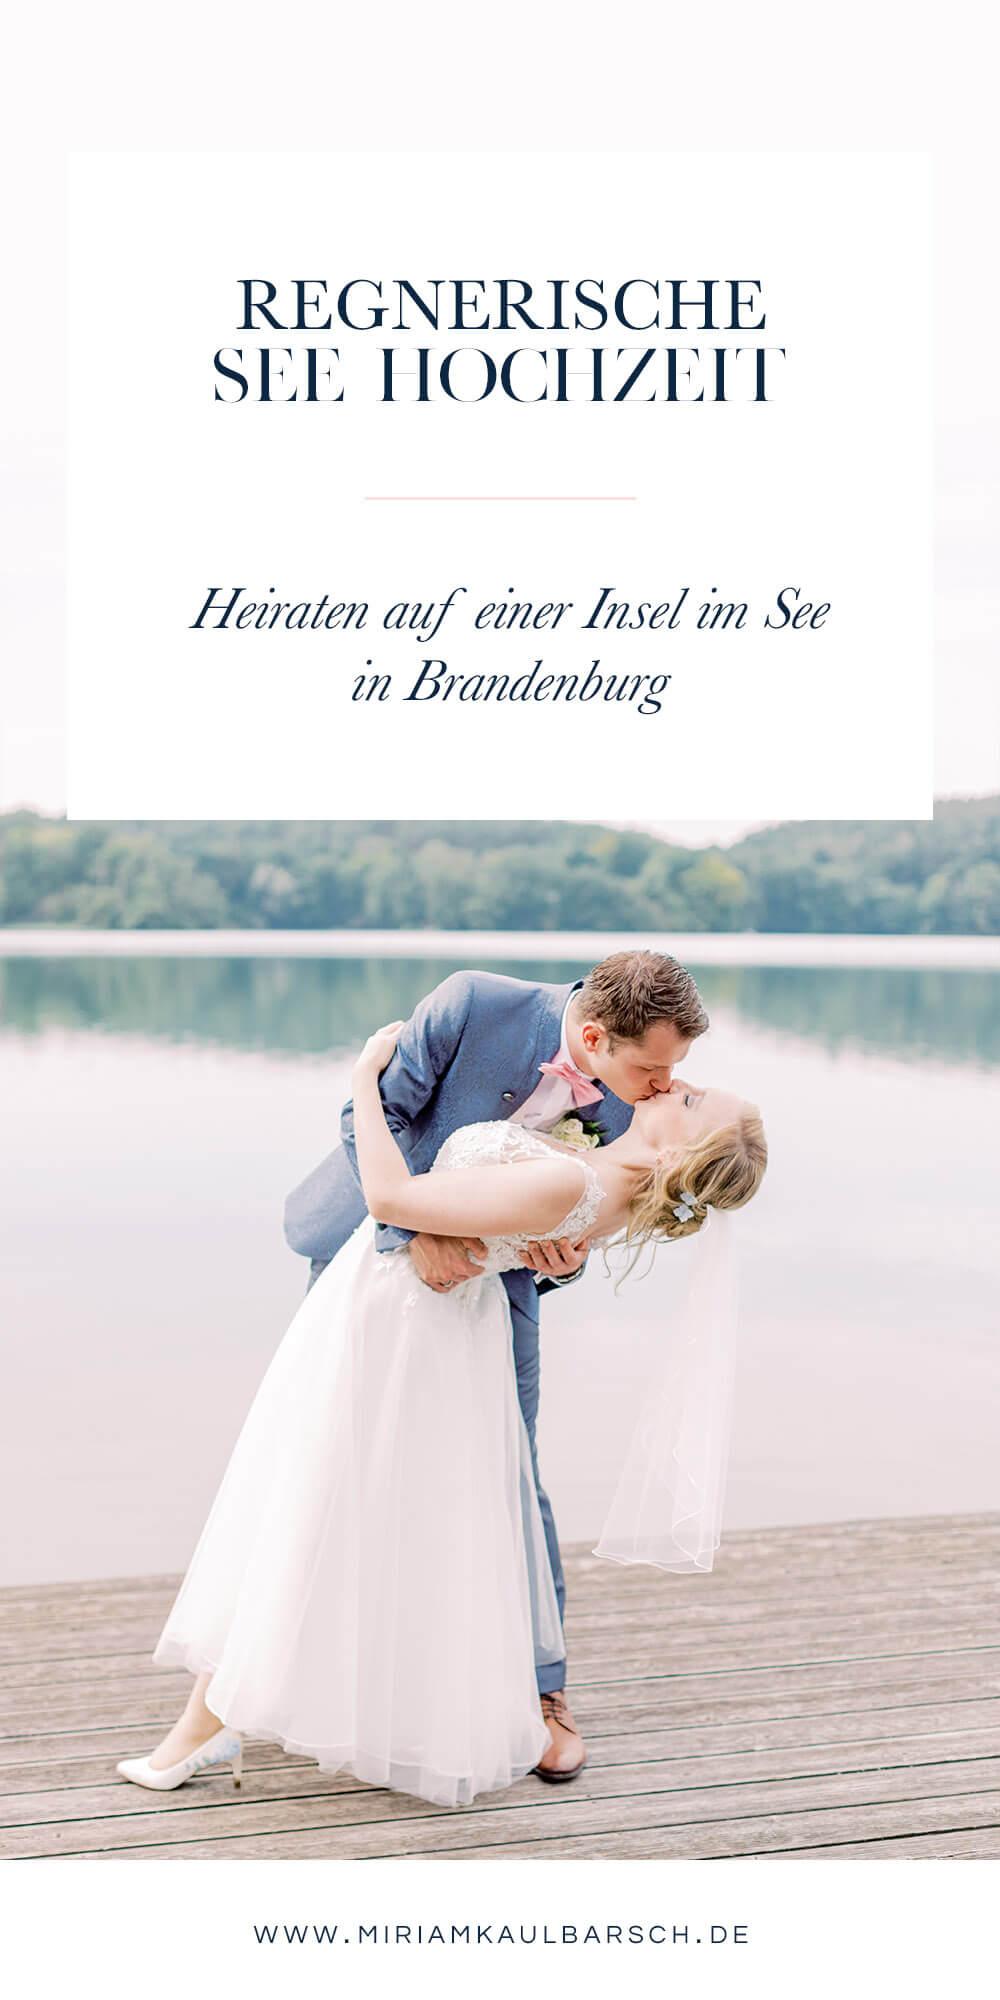 Regnerische See Hochzeit - Heiraten auf einer Halbinsel in Brandenburg